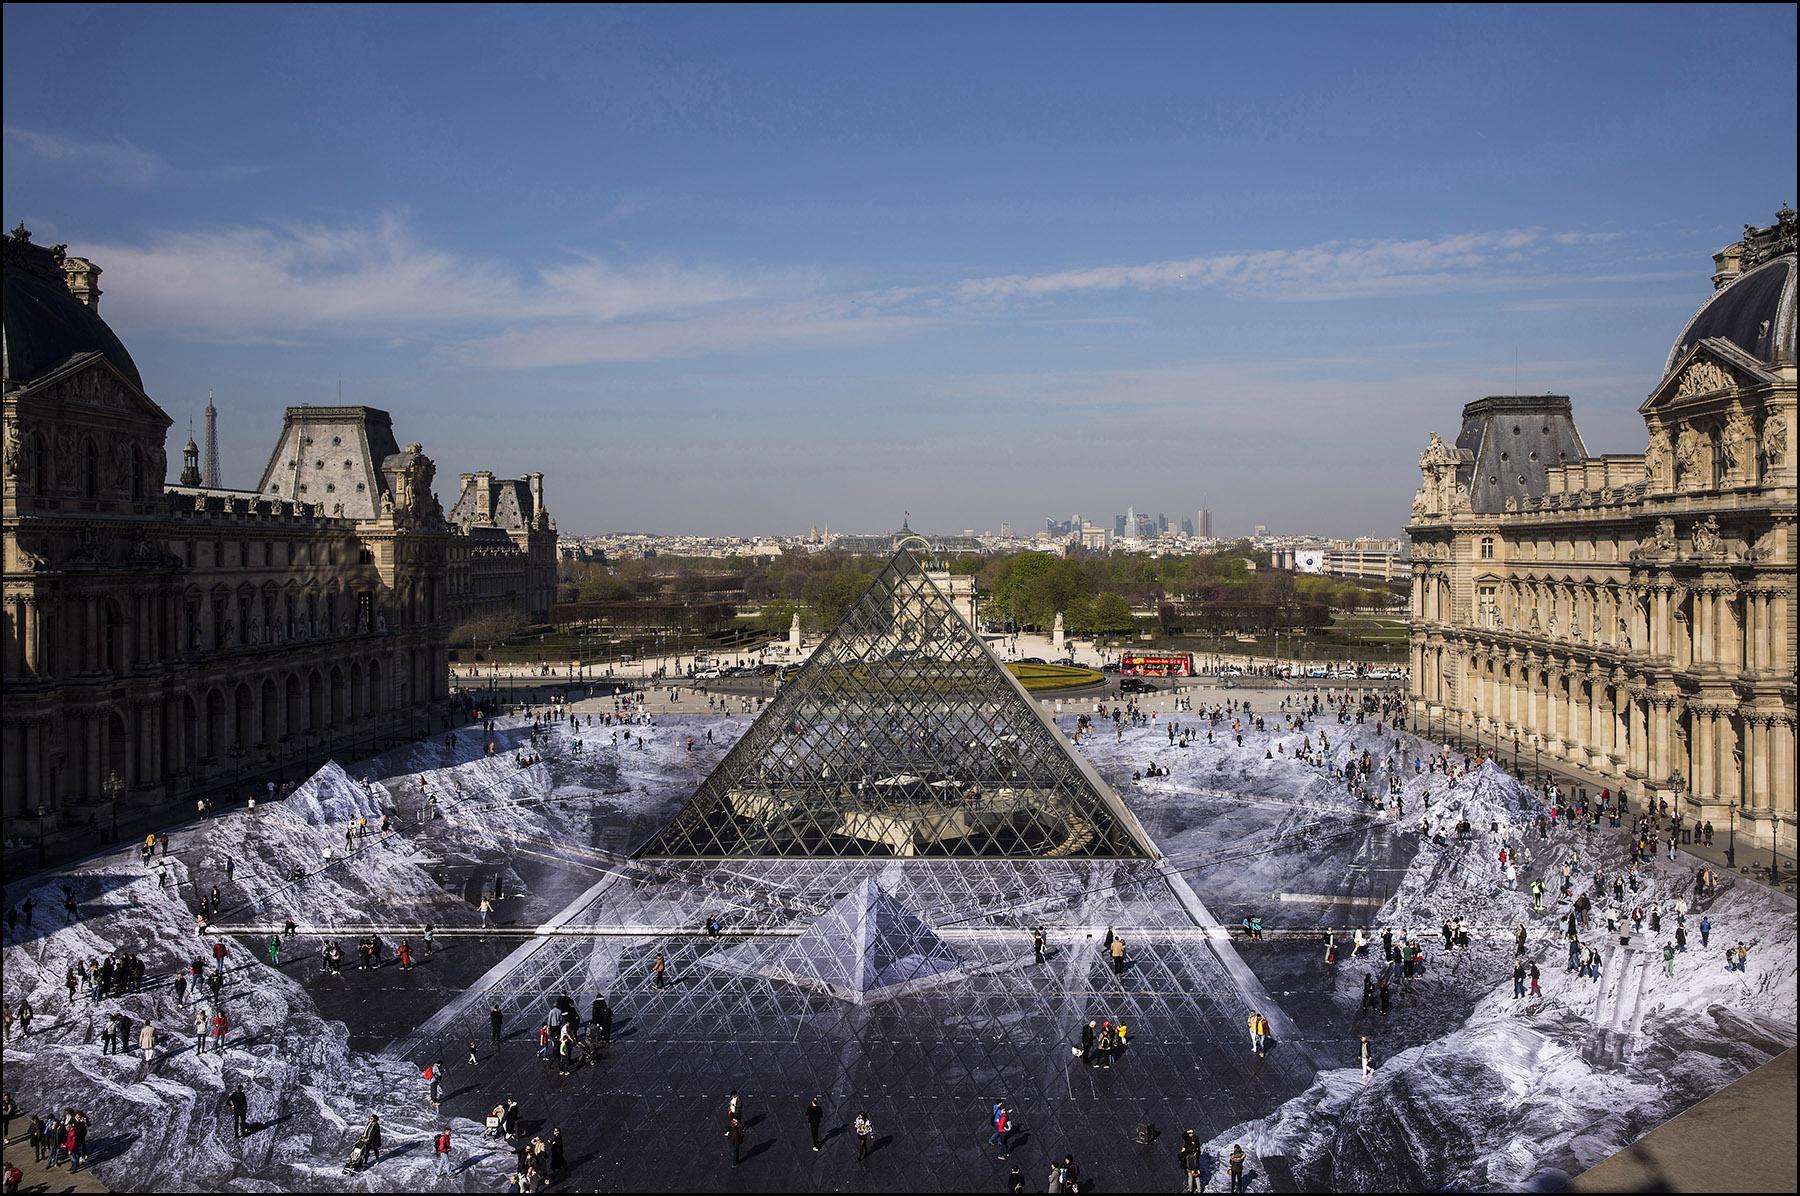 Dans la Cour Napoléon du Louvre, tout autour de la pyramide qui fête ses trente ans, l'artiste JR, a installé un immense collage en trompe-l'œil.  L'installation intitulée «  le secret de la grande pyramide », a été réalisée à partir d'un collage photographique créé par anamorphose.